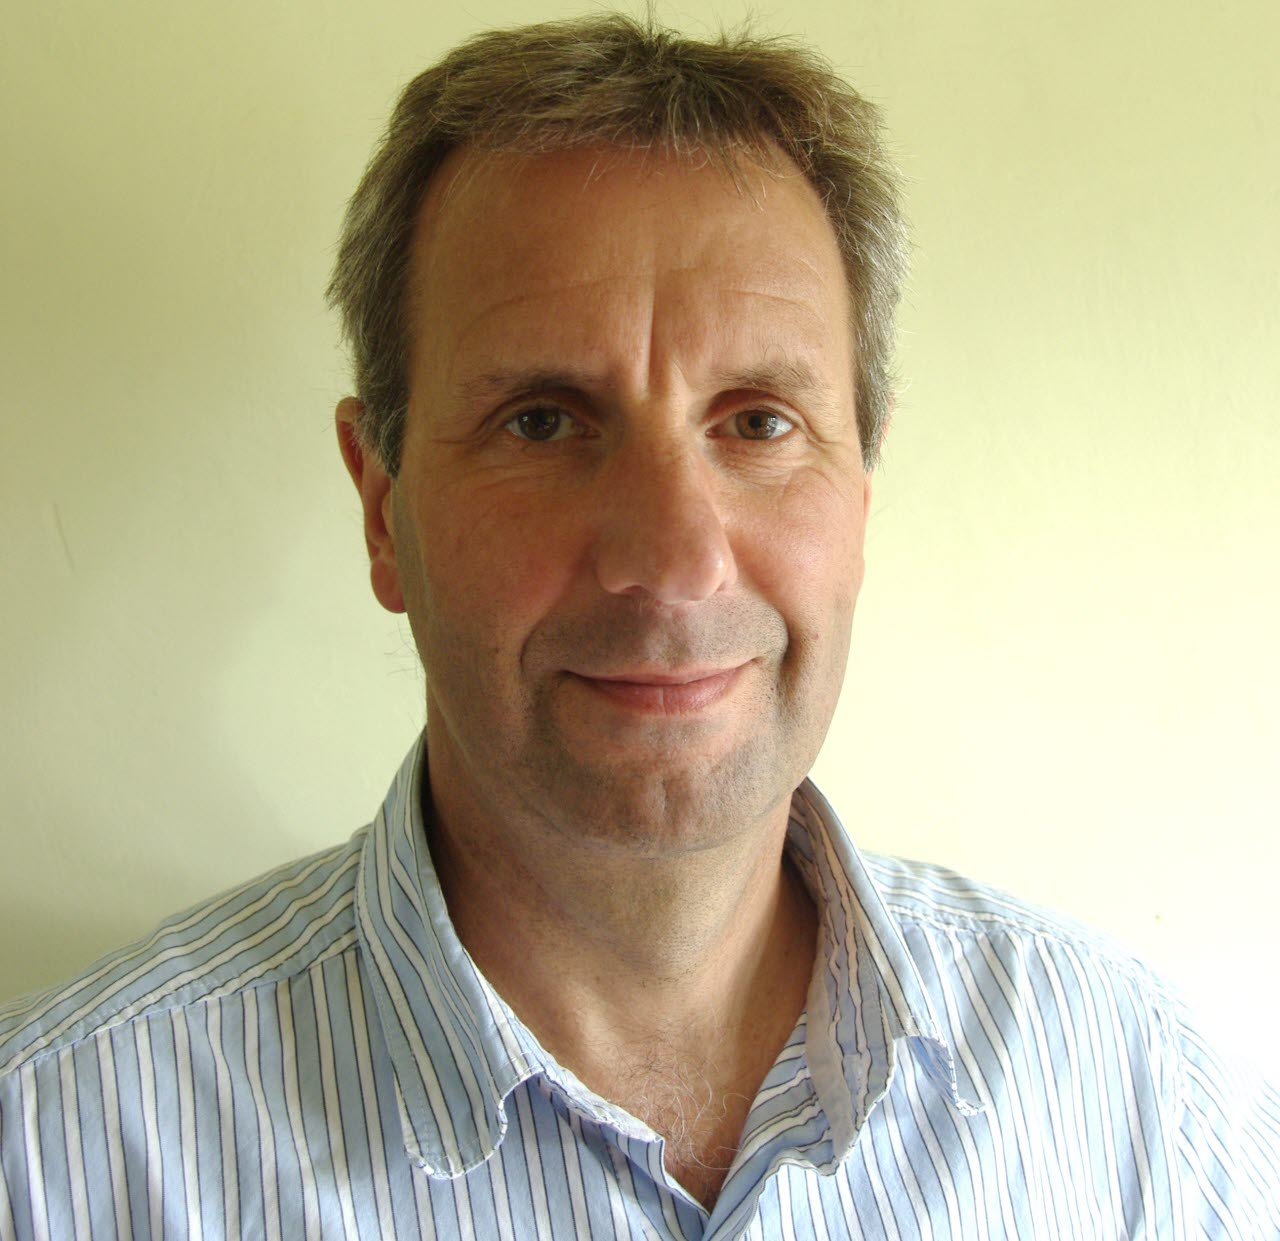 Adrian Stenning